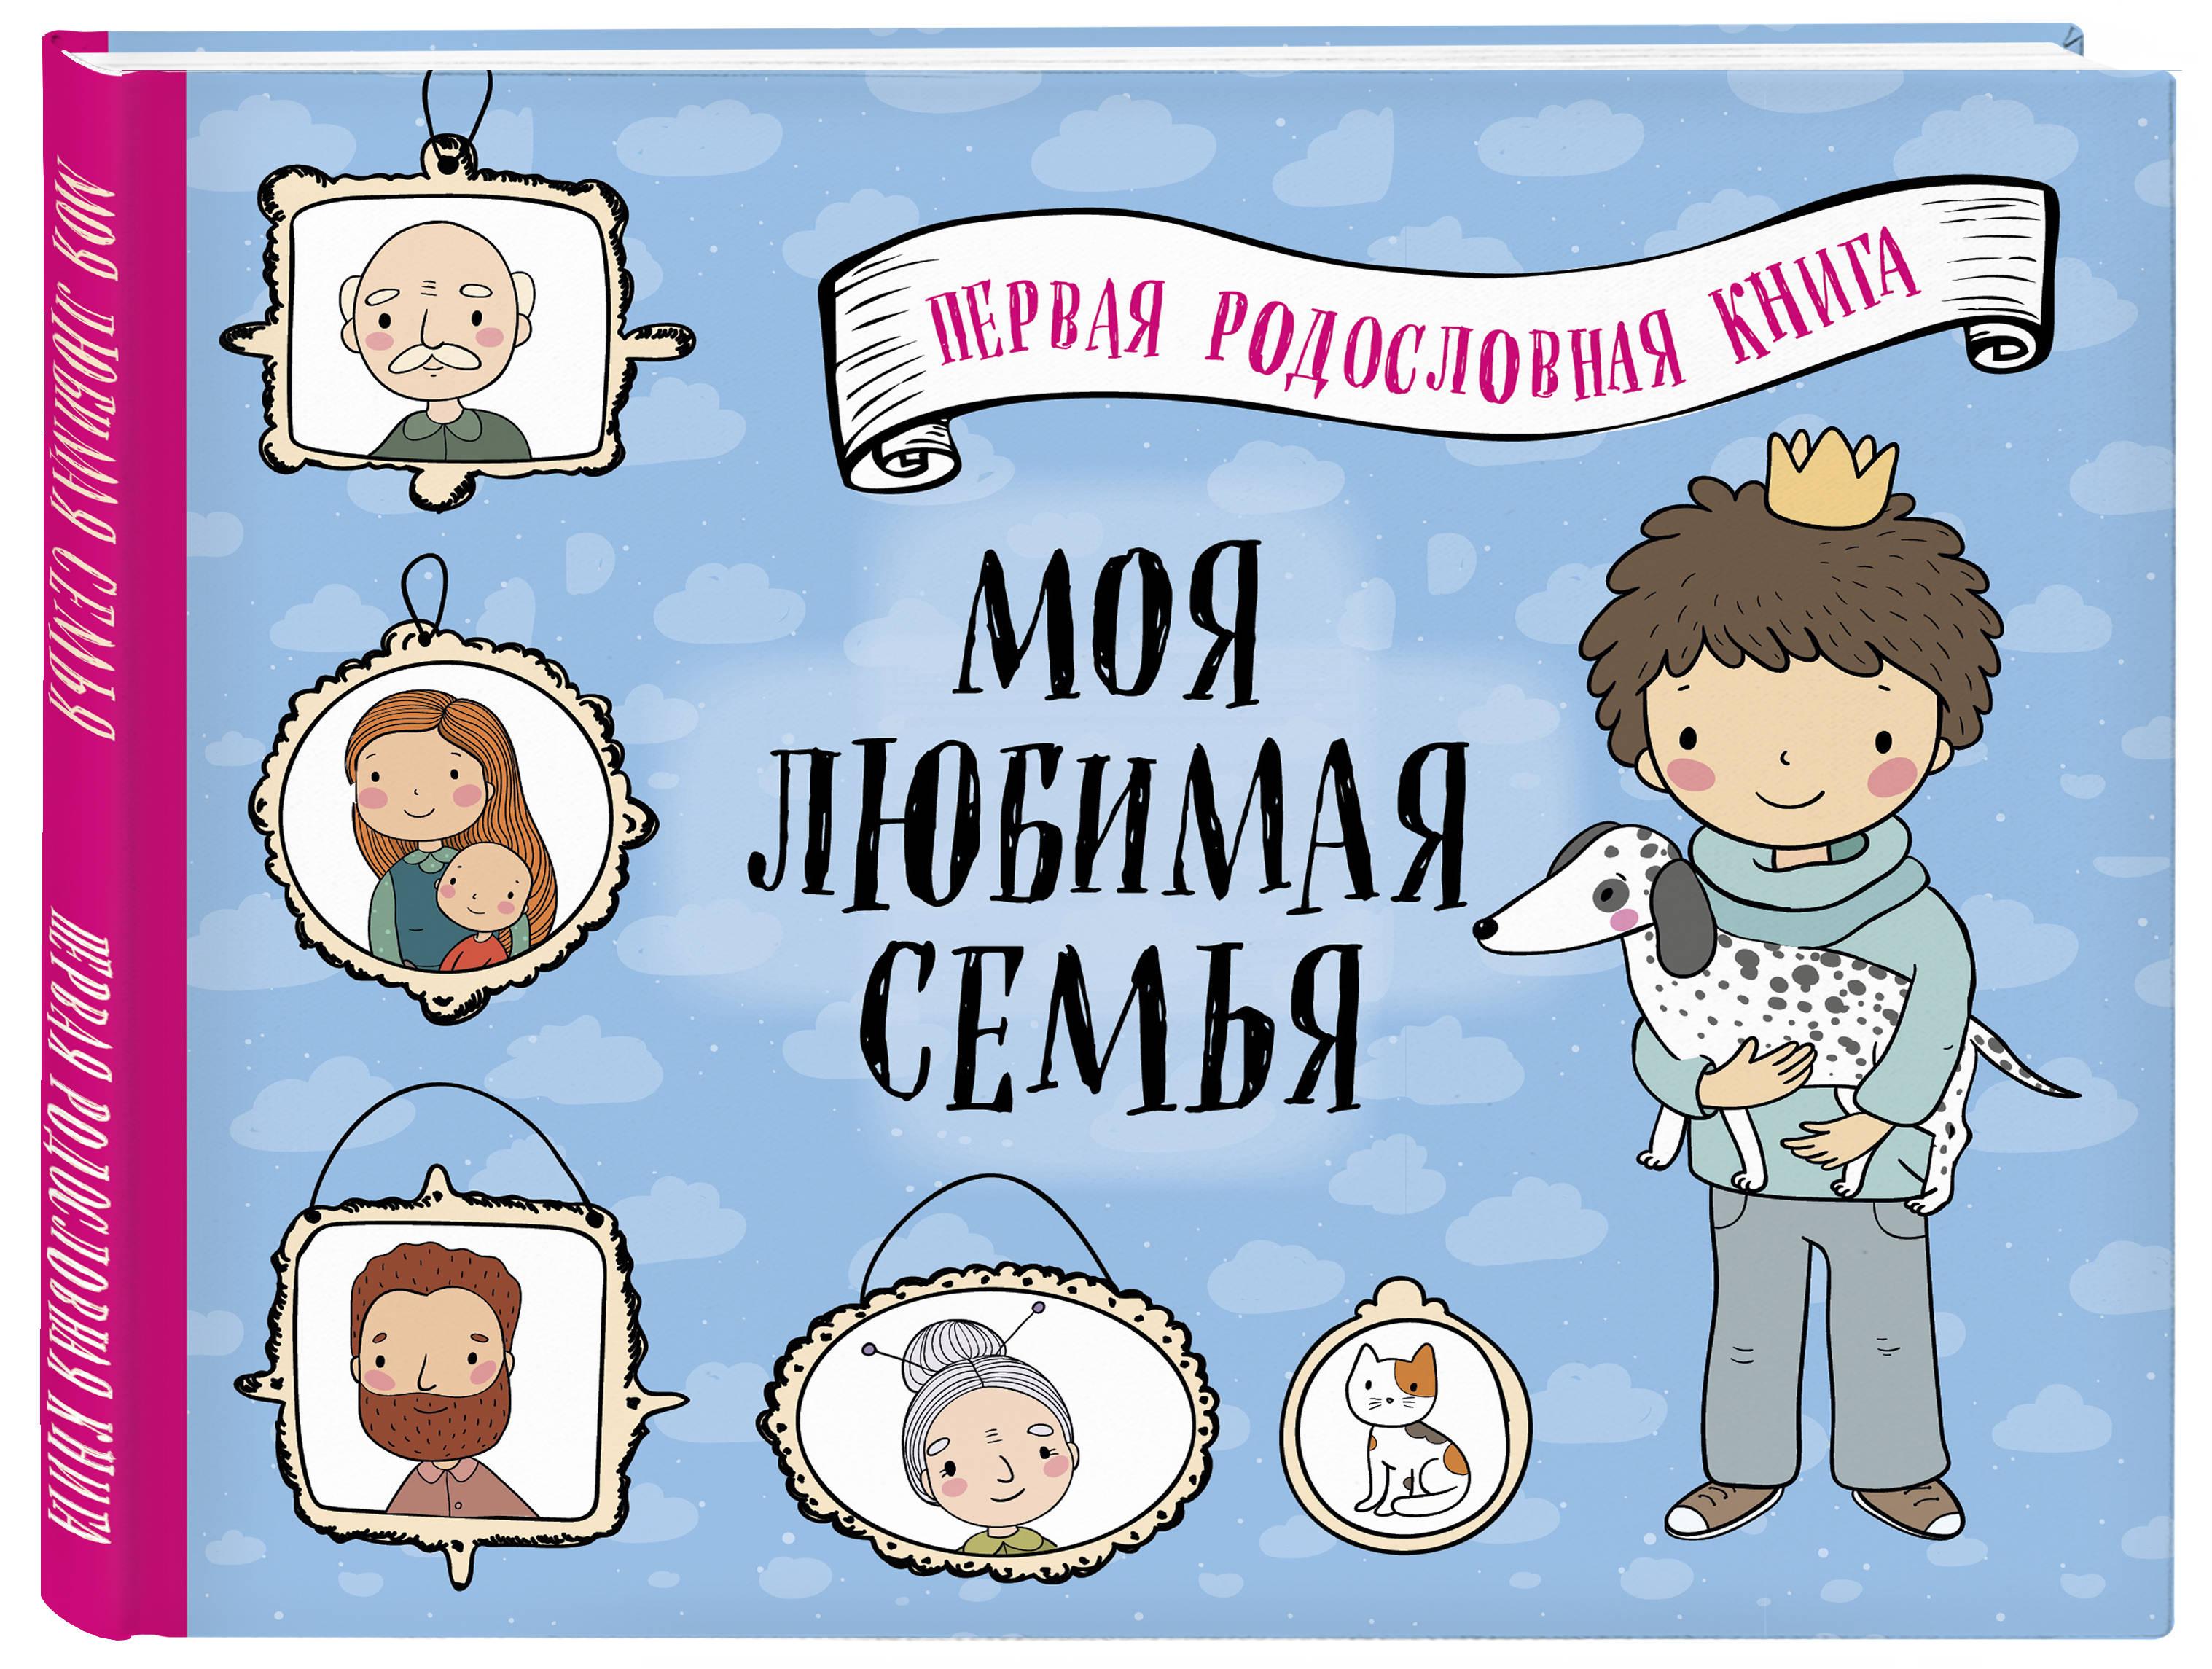 Фото - Моя любимая семья. Первая родословная книга (для мальчиков) виктор тростников бог в русской истории